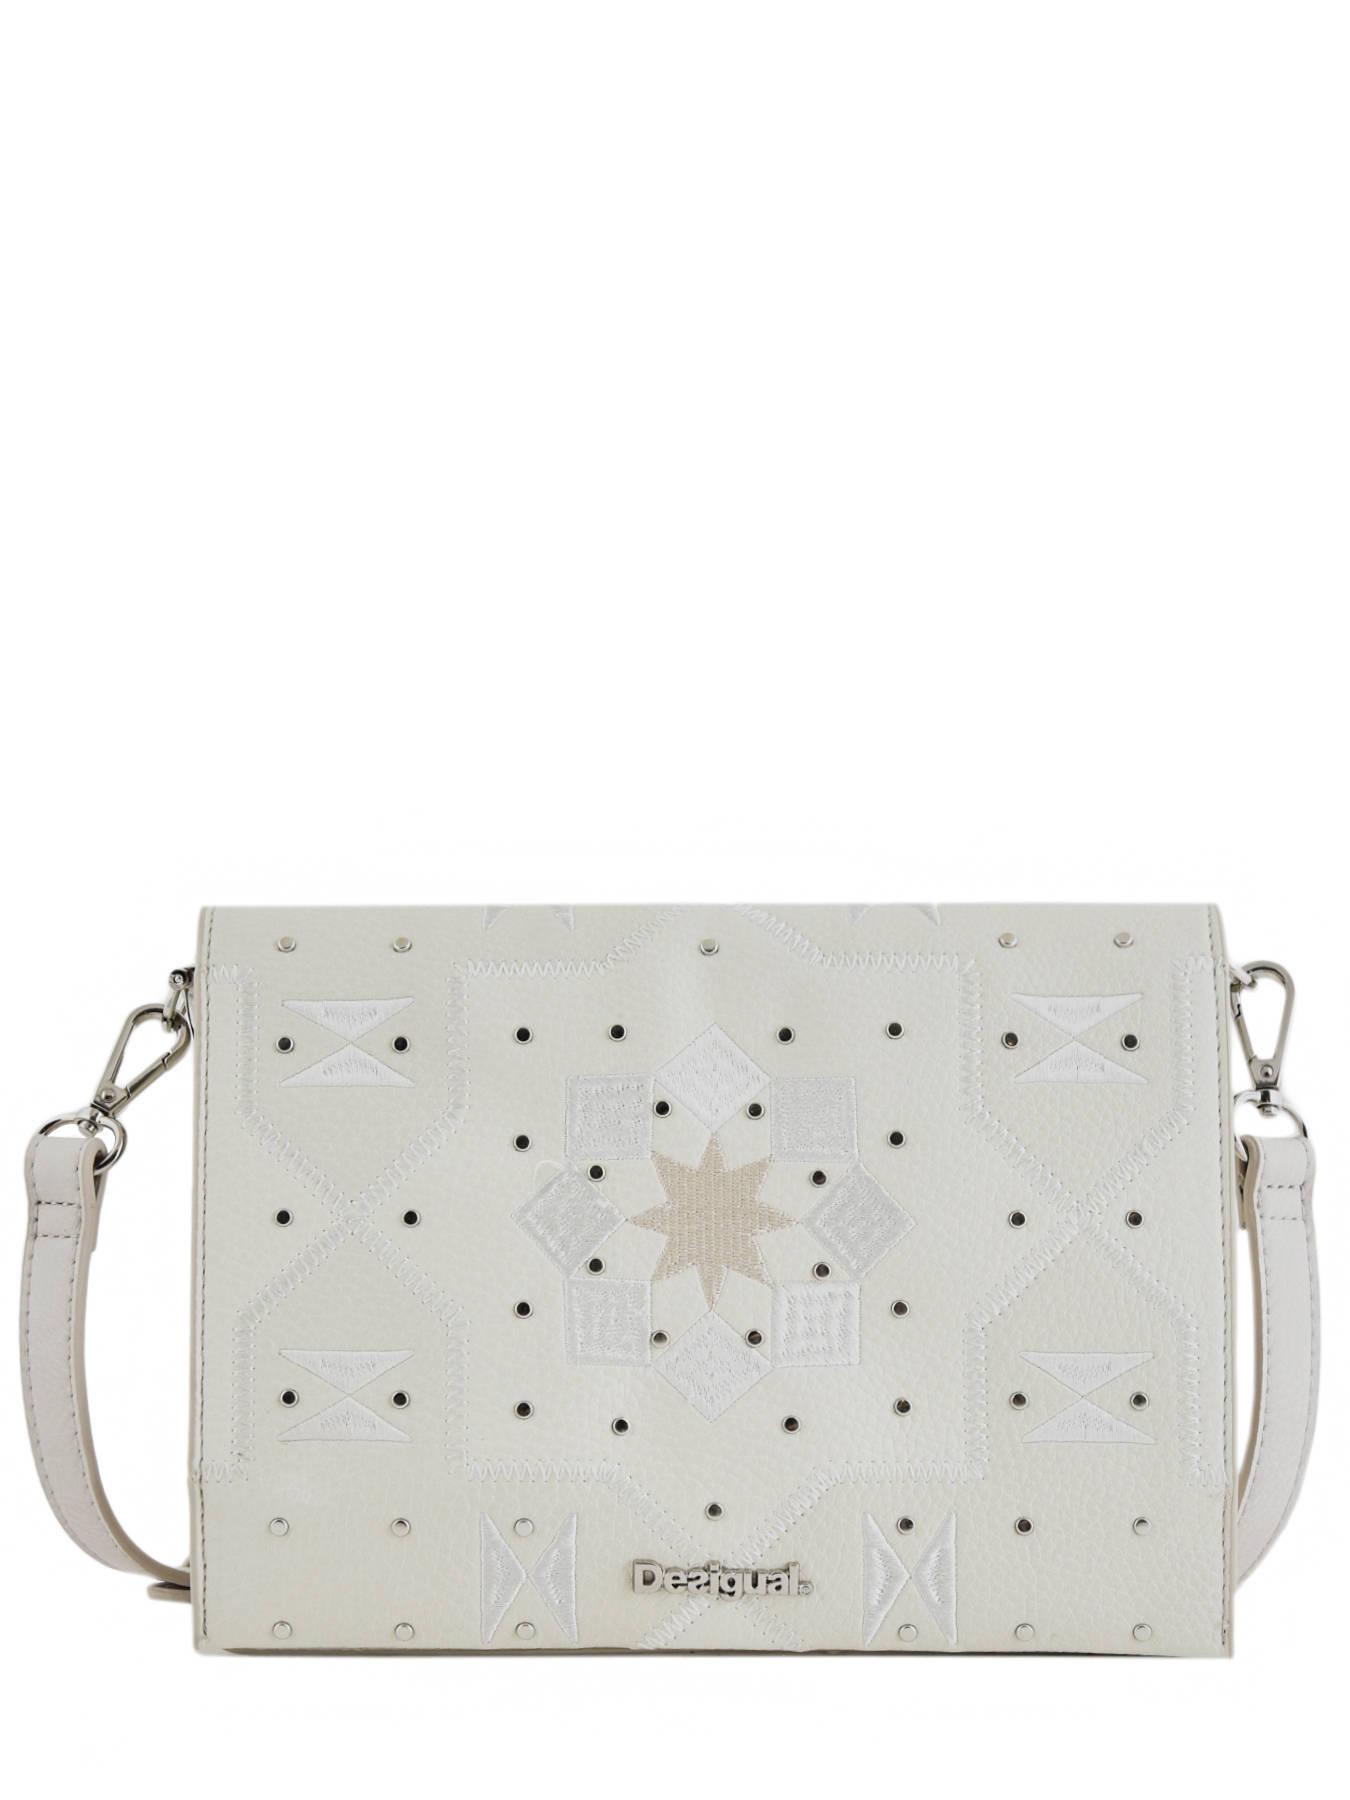 166db40c3 ... Shoulder Bag Nancy Grace Desigual Multicolor nancy grace 19SAXPG4 ...